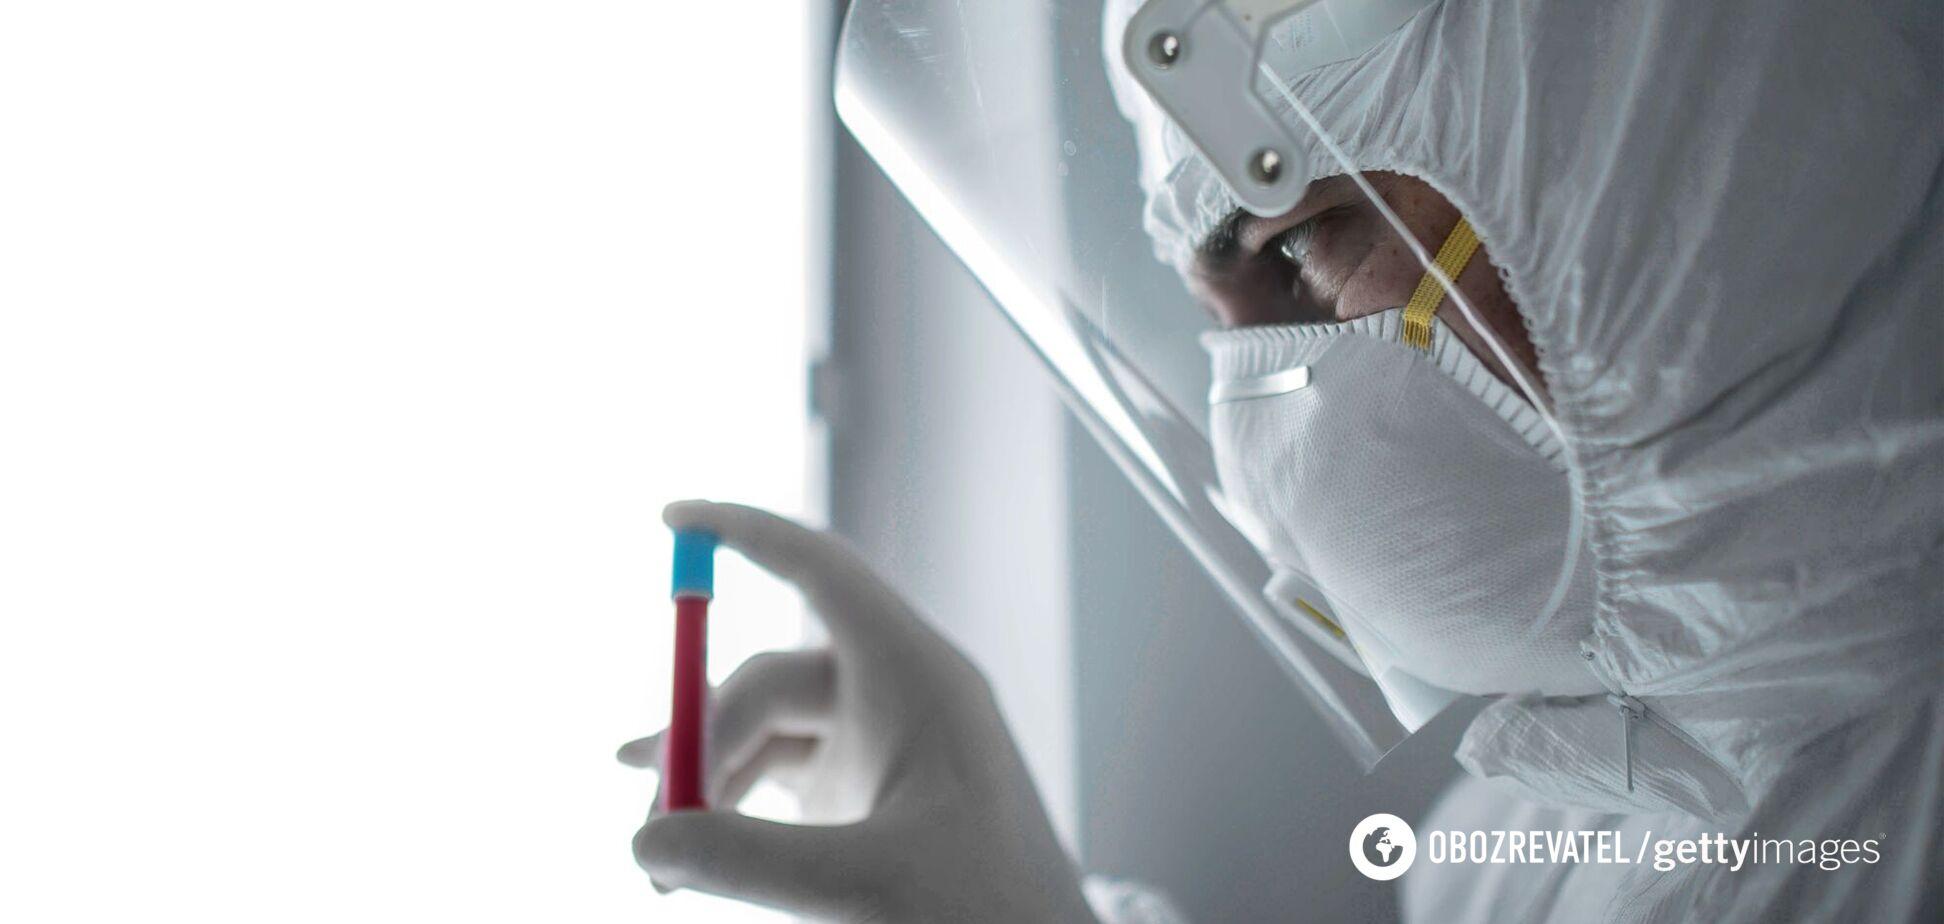 Украинские лаборатории покупают реагенты для ПЦР-тестов у российской компании, – Палица